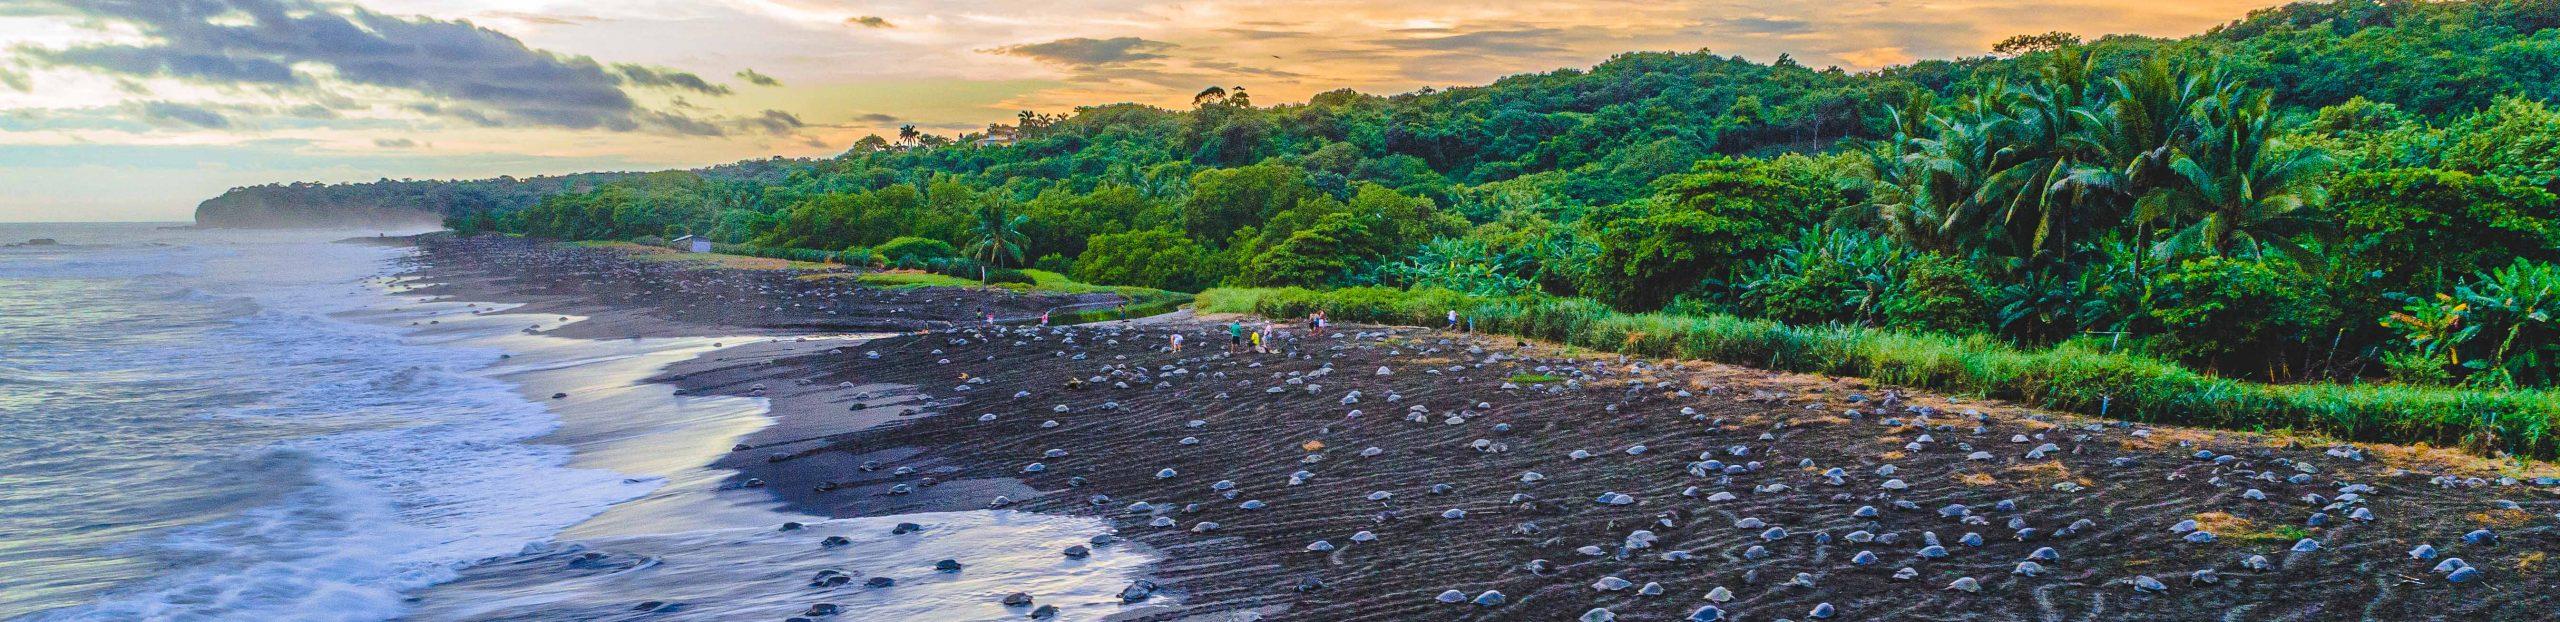 Guía de ecoturismo en Costa Rica